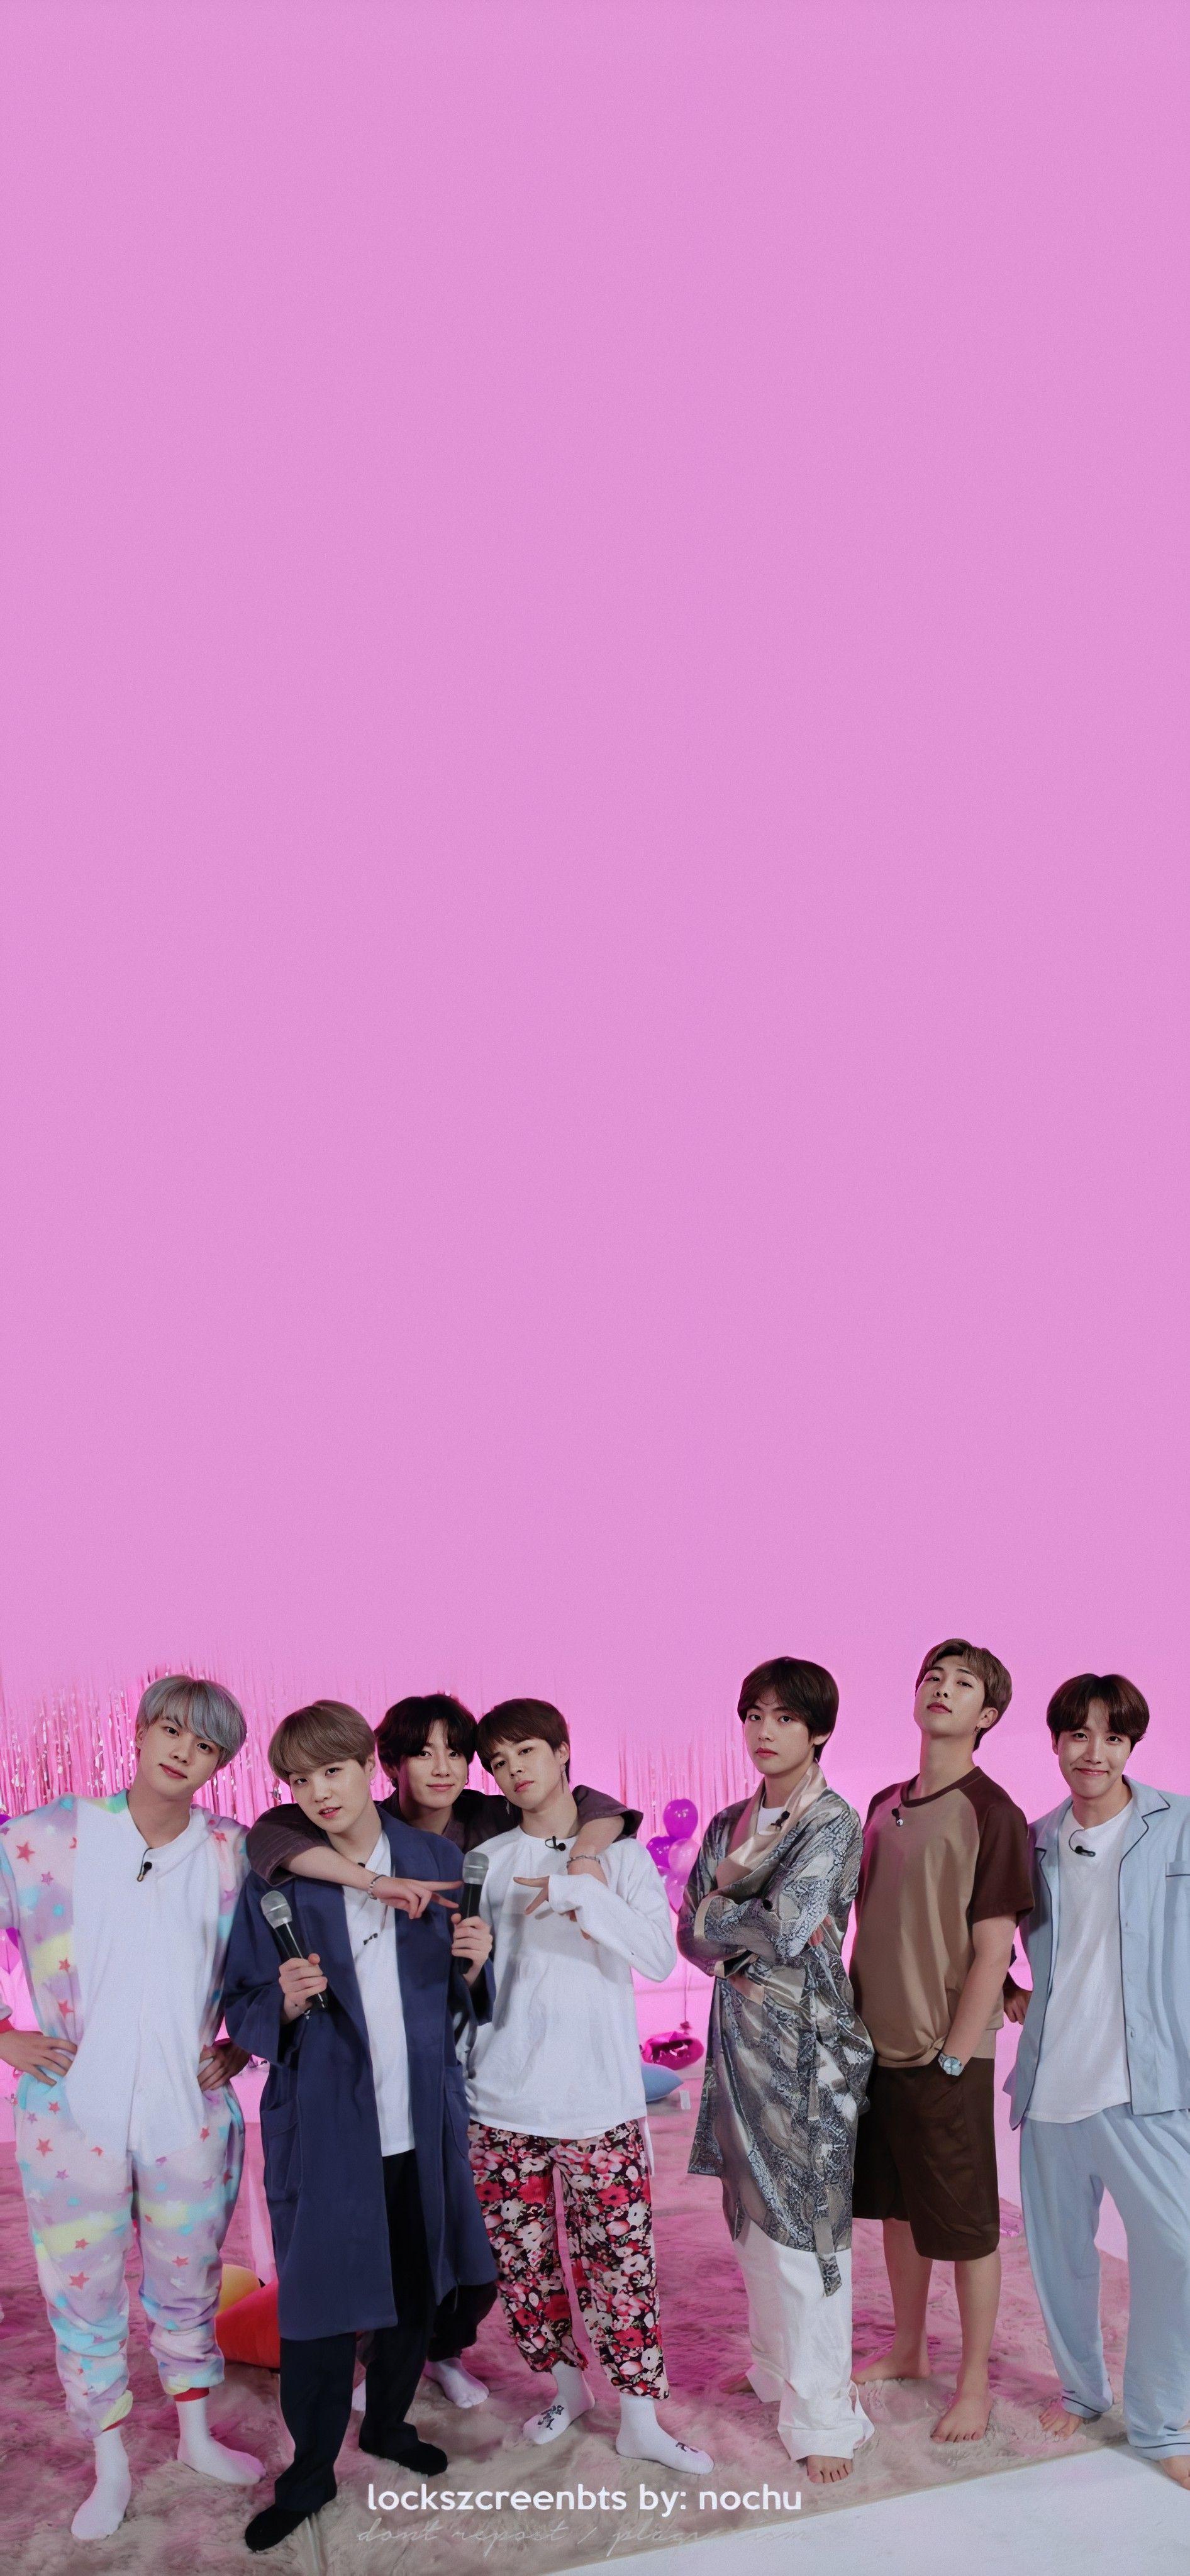 Bts Run Bts 2019 Ep 98 Behind The Scene Wallpaper Lockscreen Edit Bts Jk V Jimin Jhope Suga Jin Rm Bts Chicos Bts Bts Fondo De Pantalla Bts Run bts phone wallpaper